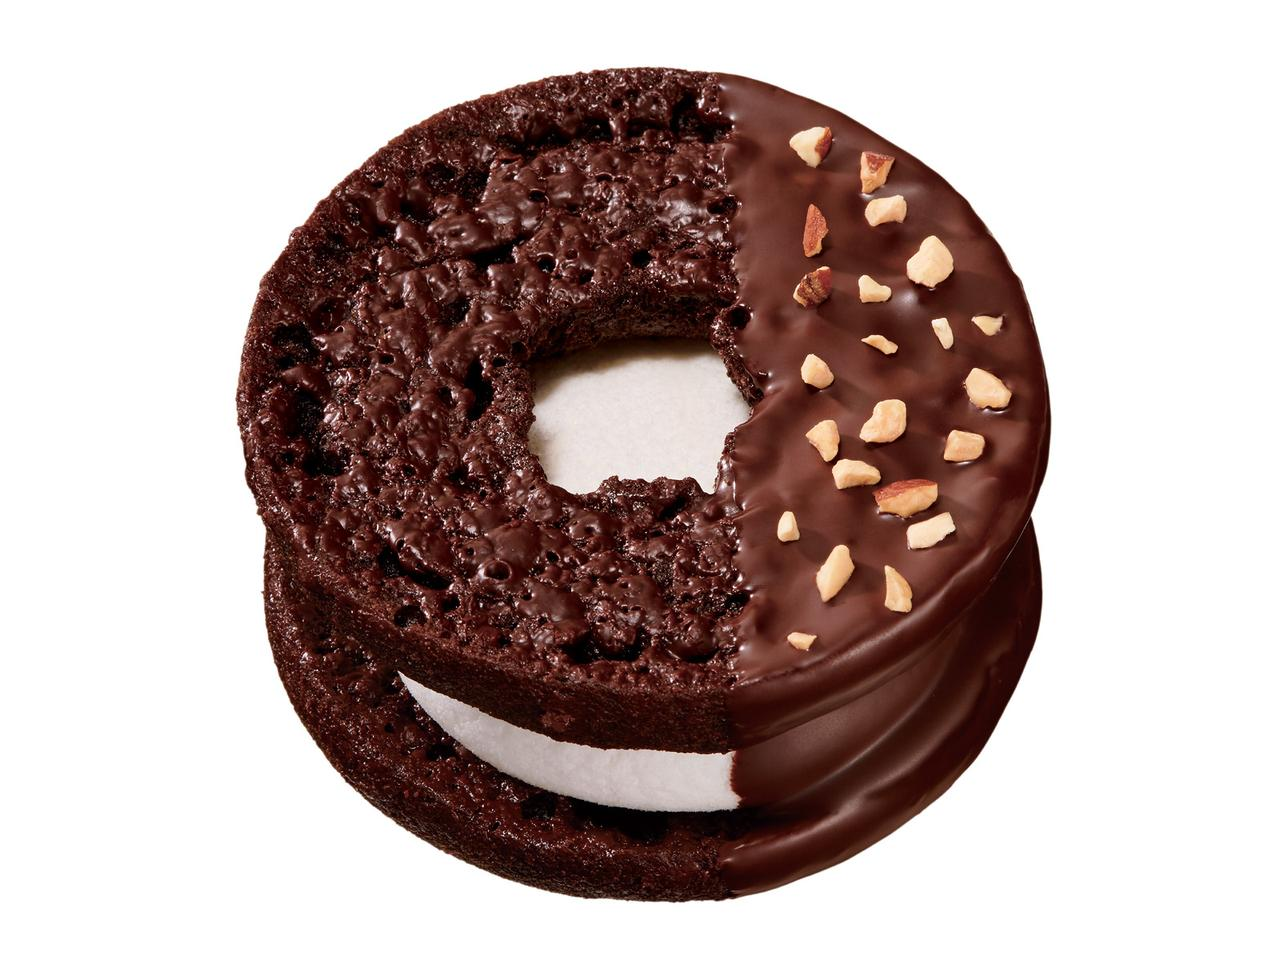 画像: ●焼きマシュマロチョコレート チョコアーモンド(194円) チョコレート生地のドーナツに、クーベルチュールチョコをかけ、オーブンで焼き上げた後、焼きマシュマロを挟み、チョコレートとローストアーモンドでデコレーションしました。